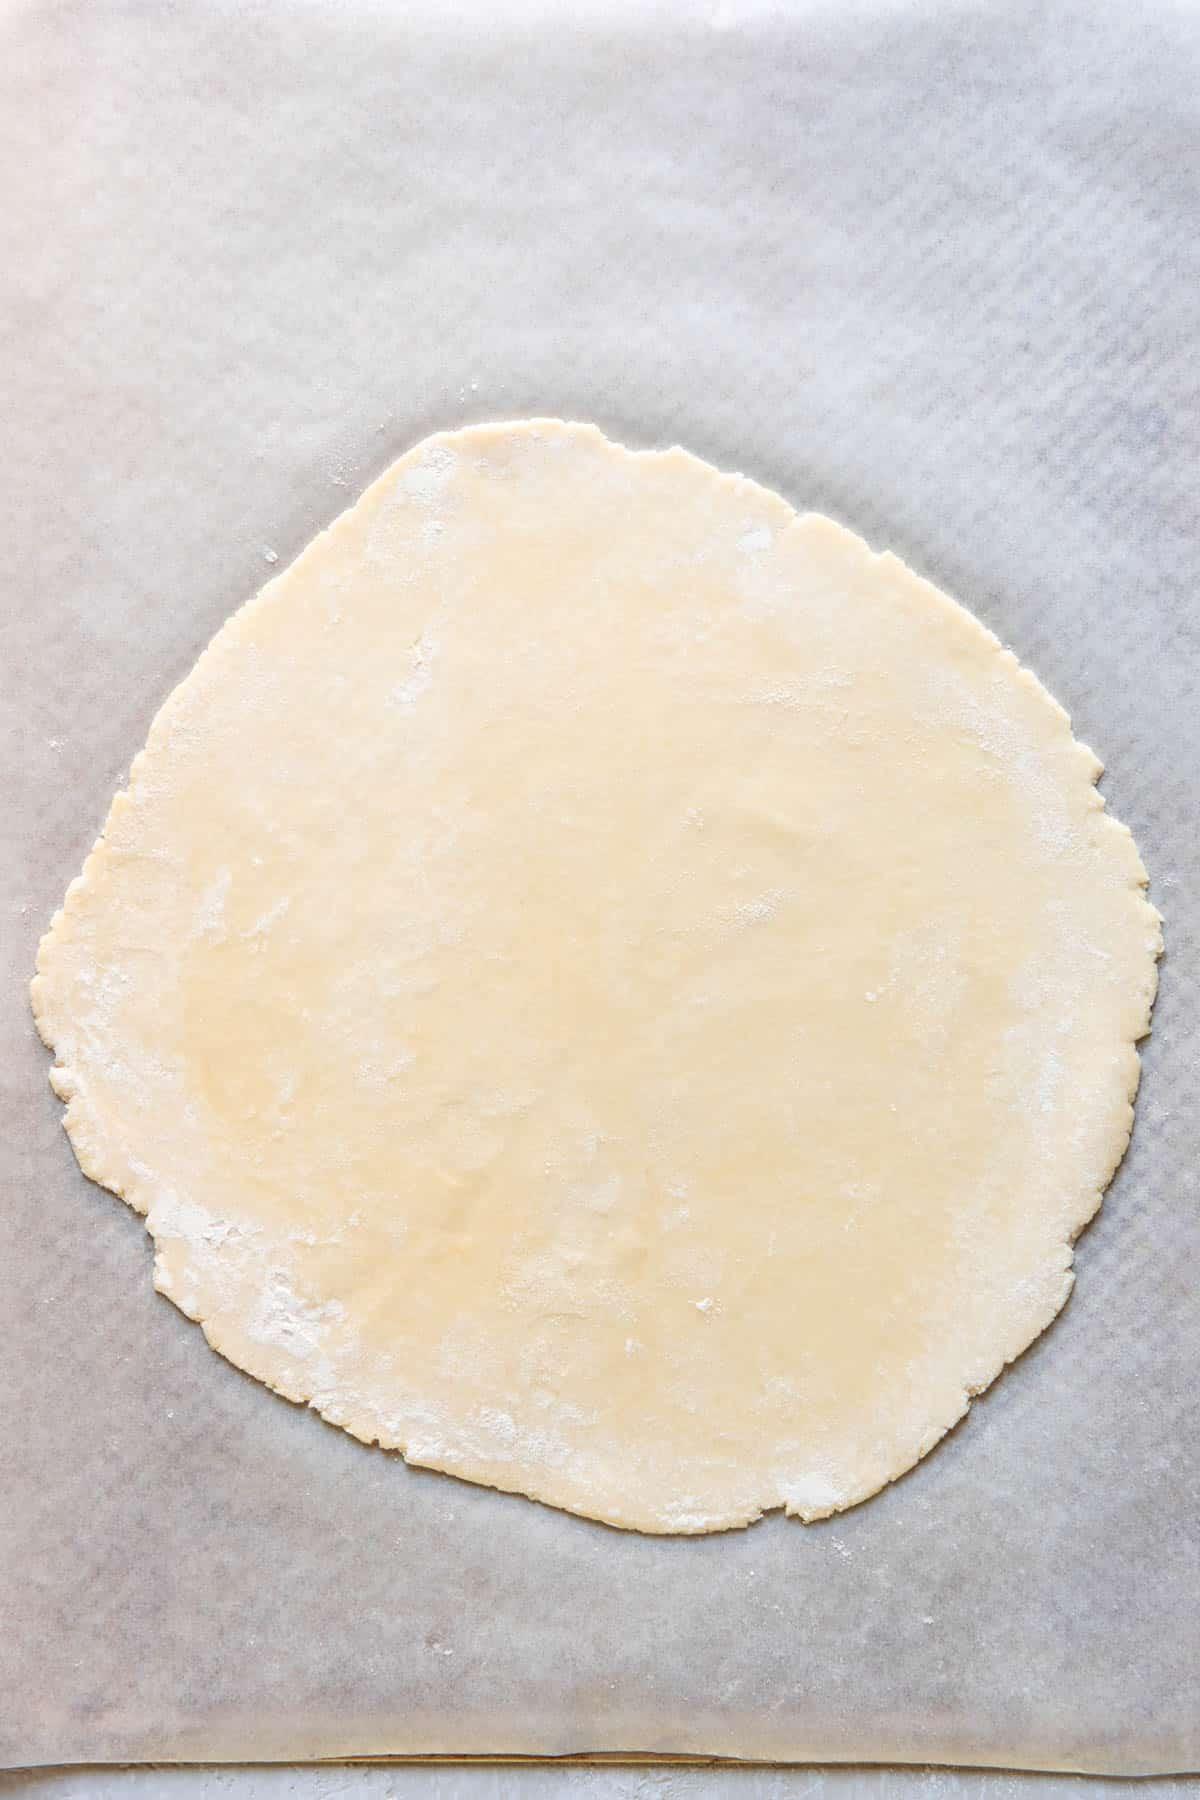 making rugelach